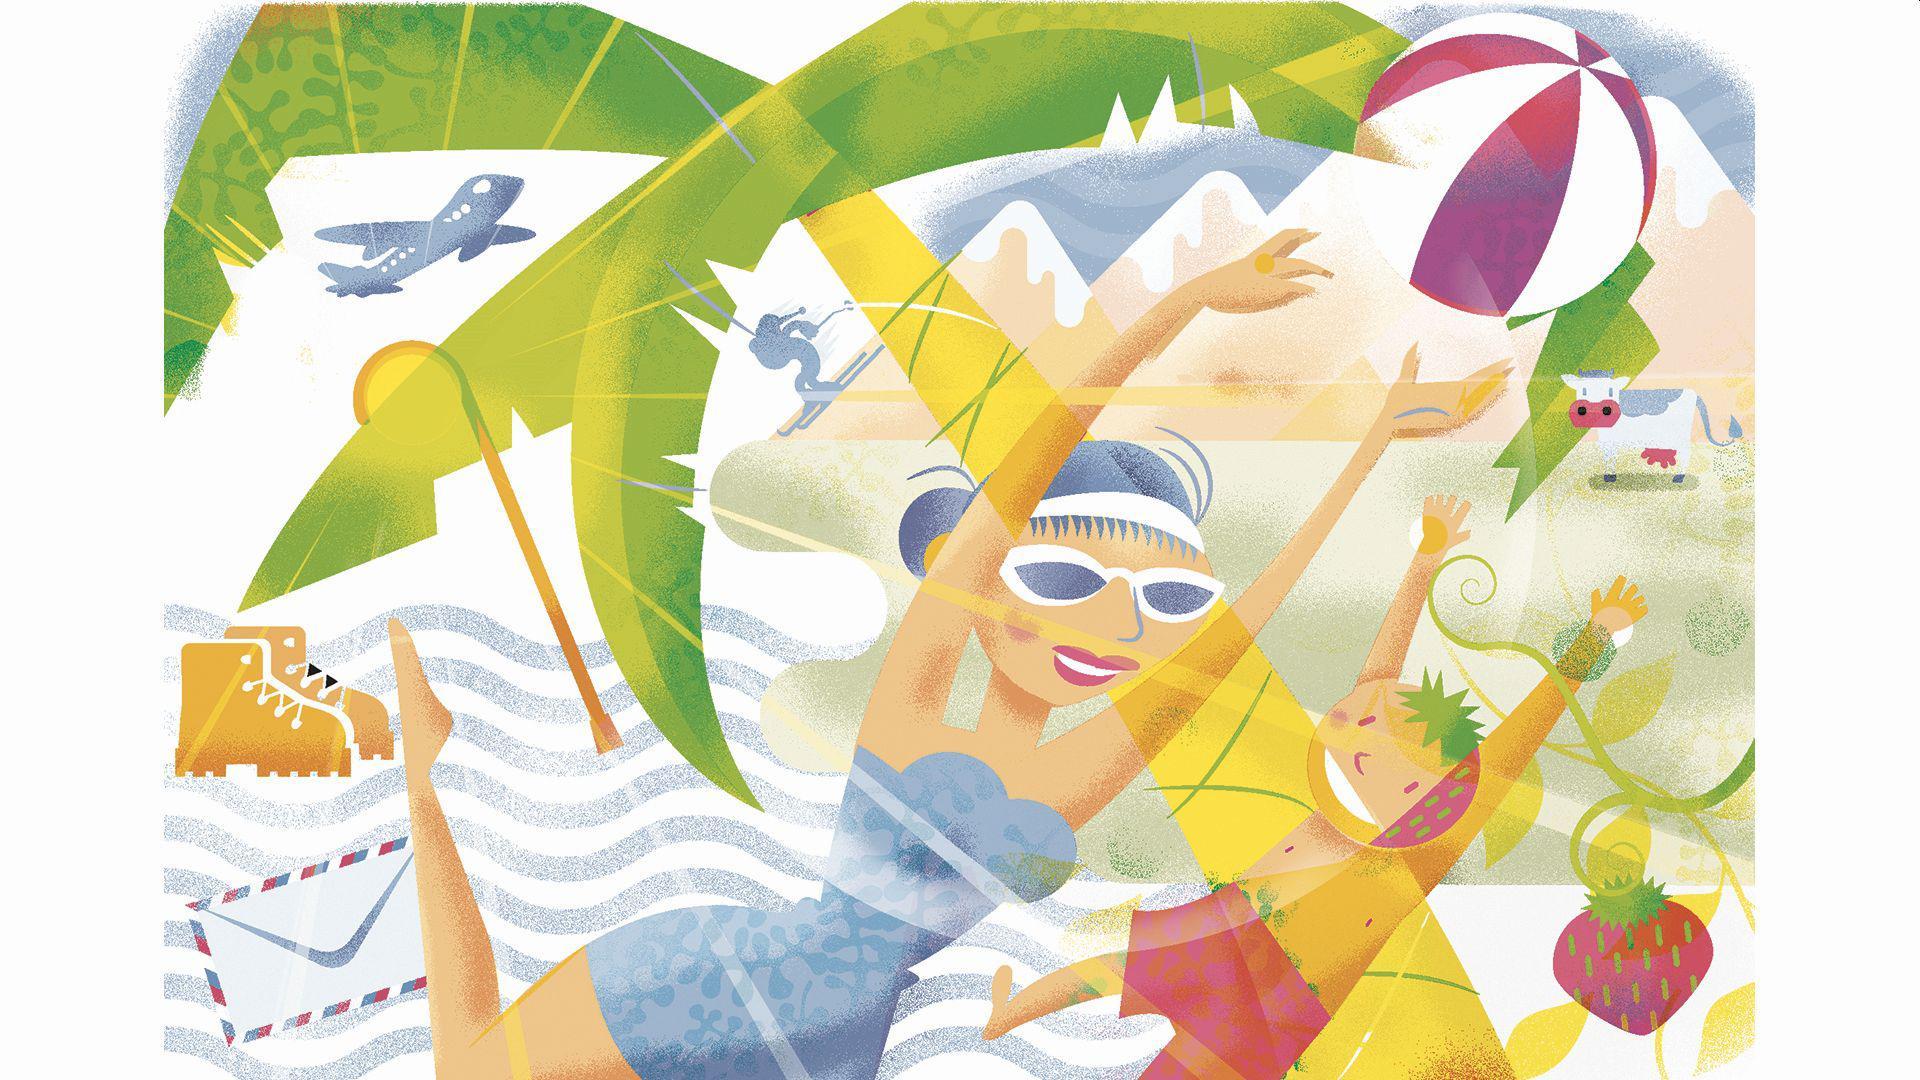 """Sommer, Sonne, Strand und Wanderstiefel: Die BNN haben Lesergeschichten zu """"unvergesslichen Urlaubsmomenten"""" gesucht."""